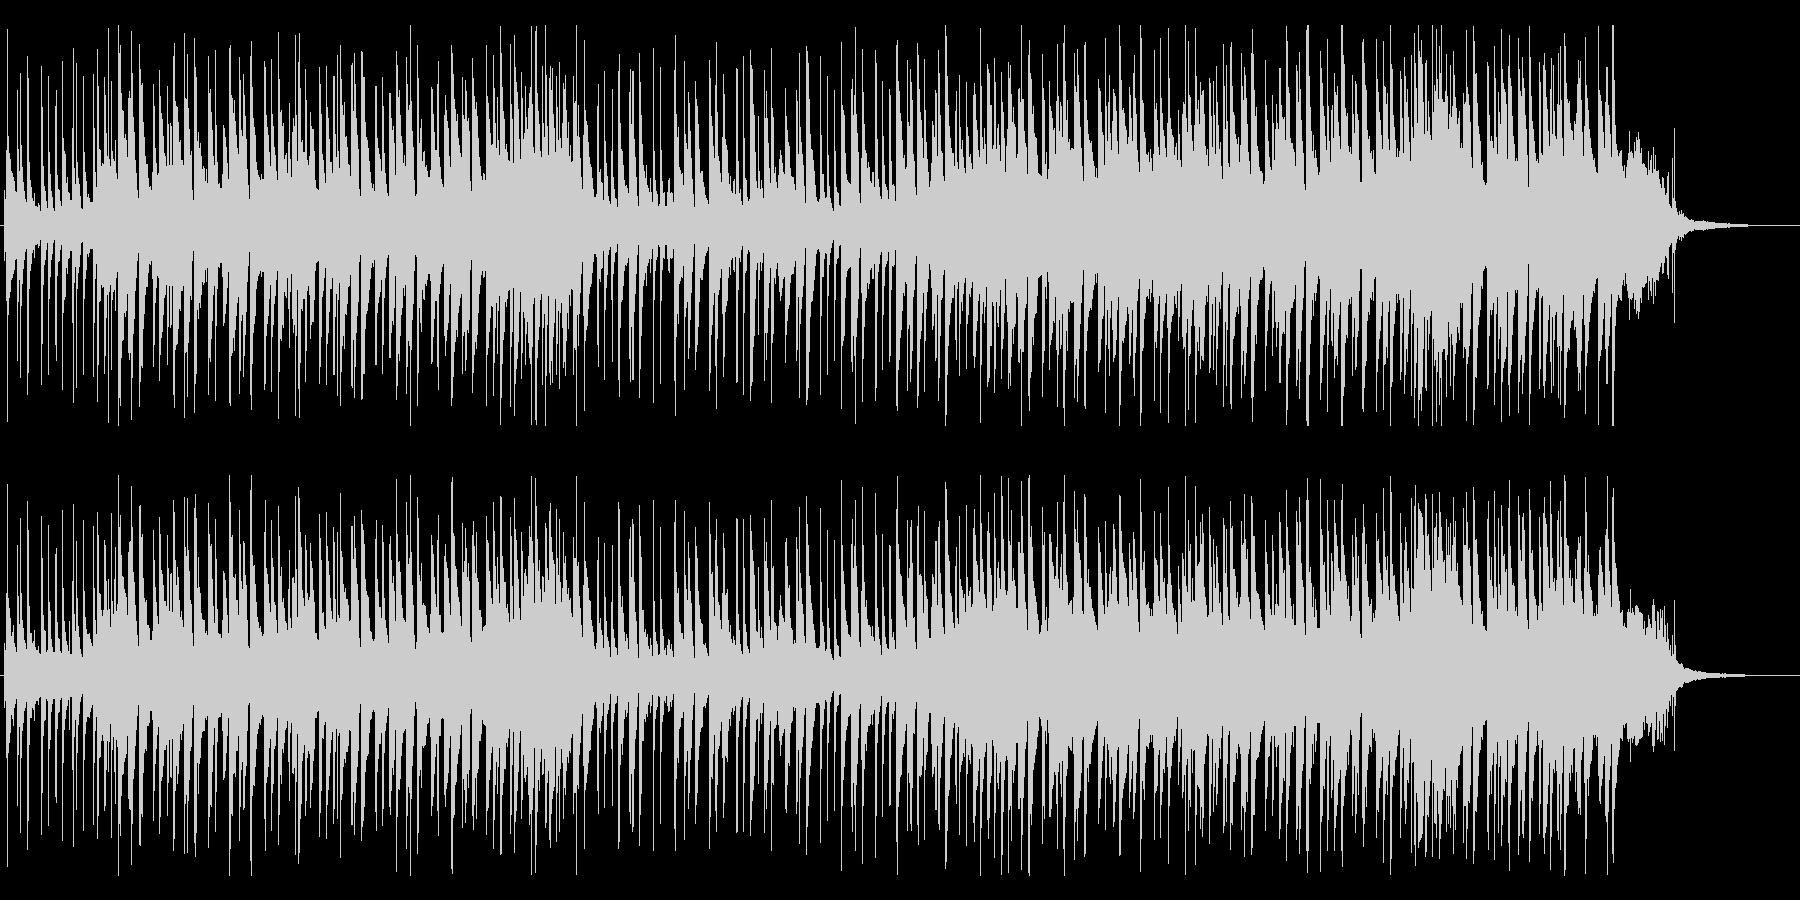 ピアノトリオの現代的なロックバラードの未再生の波形